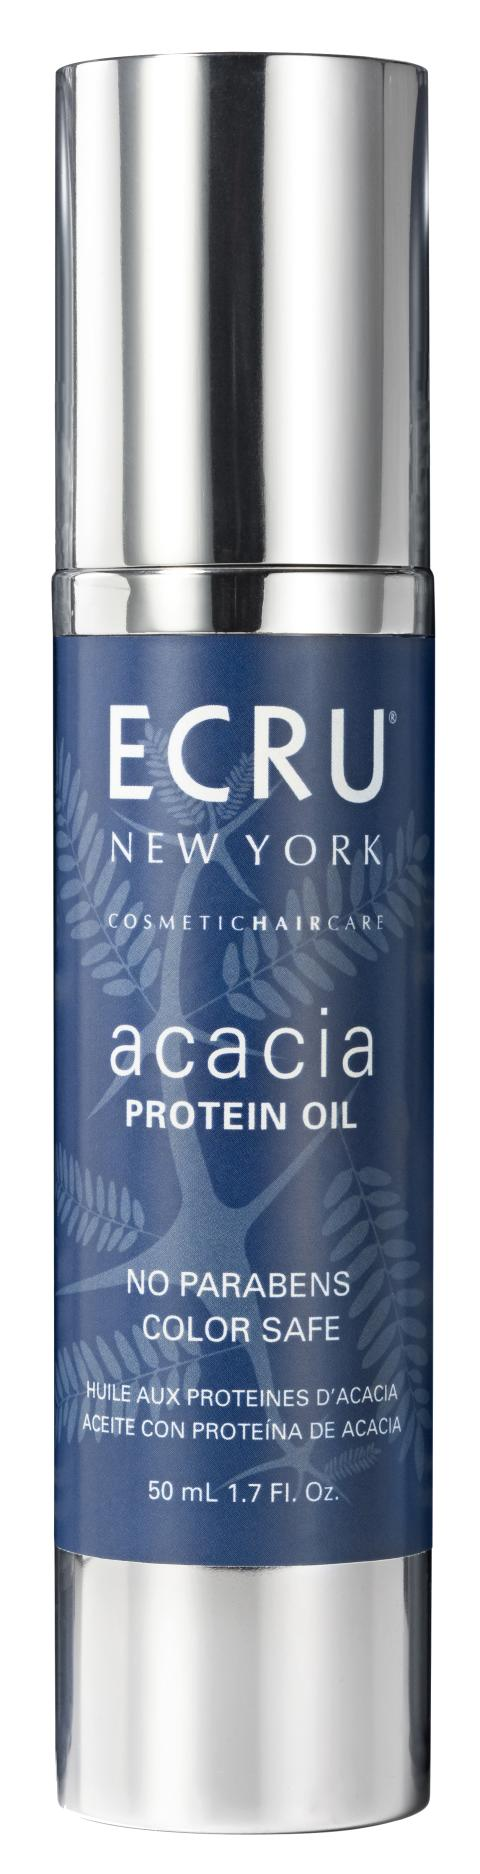 Acacia Protein Oil